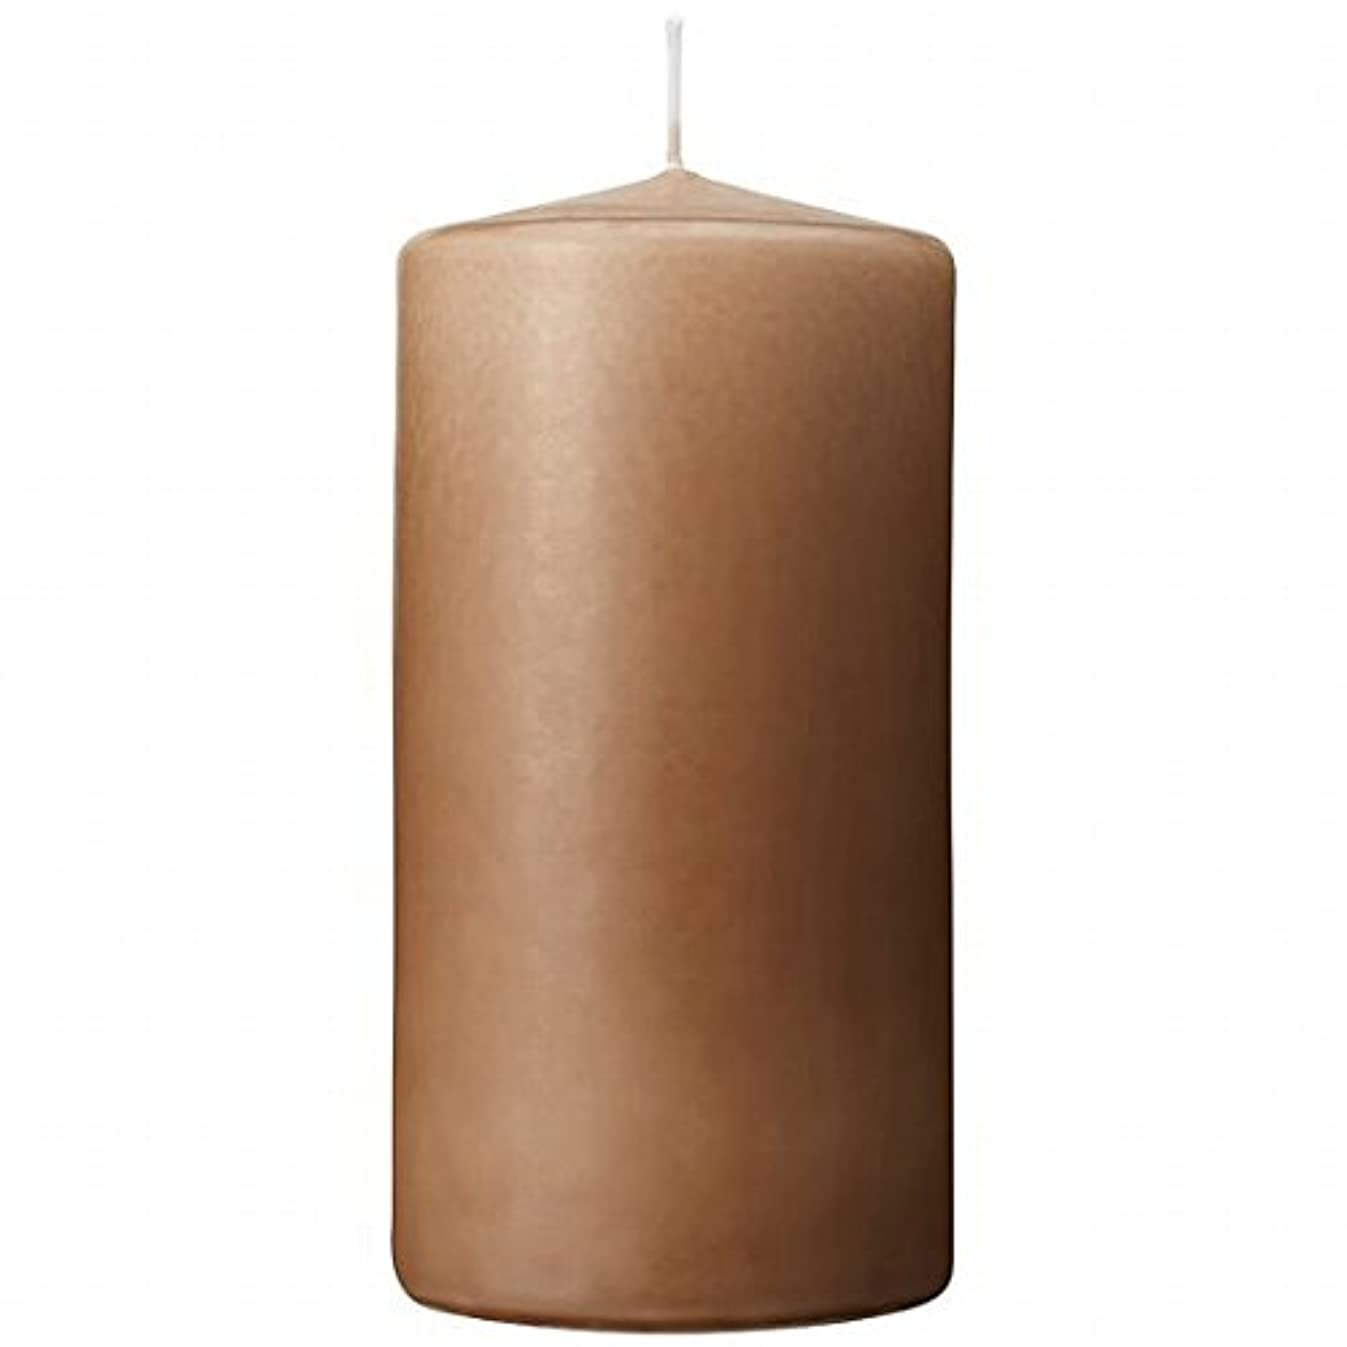 火傷敏感な犯罪カメヤマキャンドル(kameyama candle) 3×6ベルトップピラーキャンドル 「 モカ 」